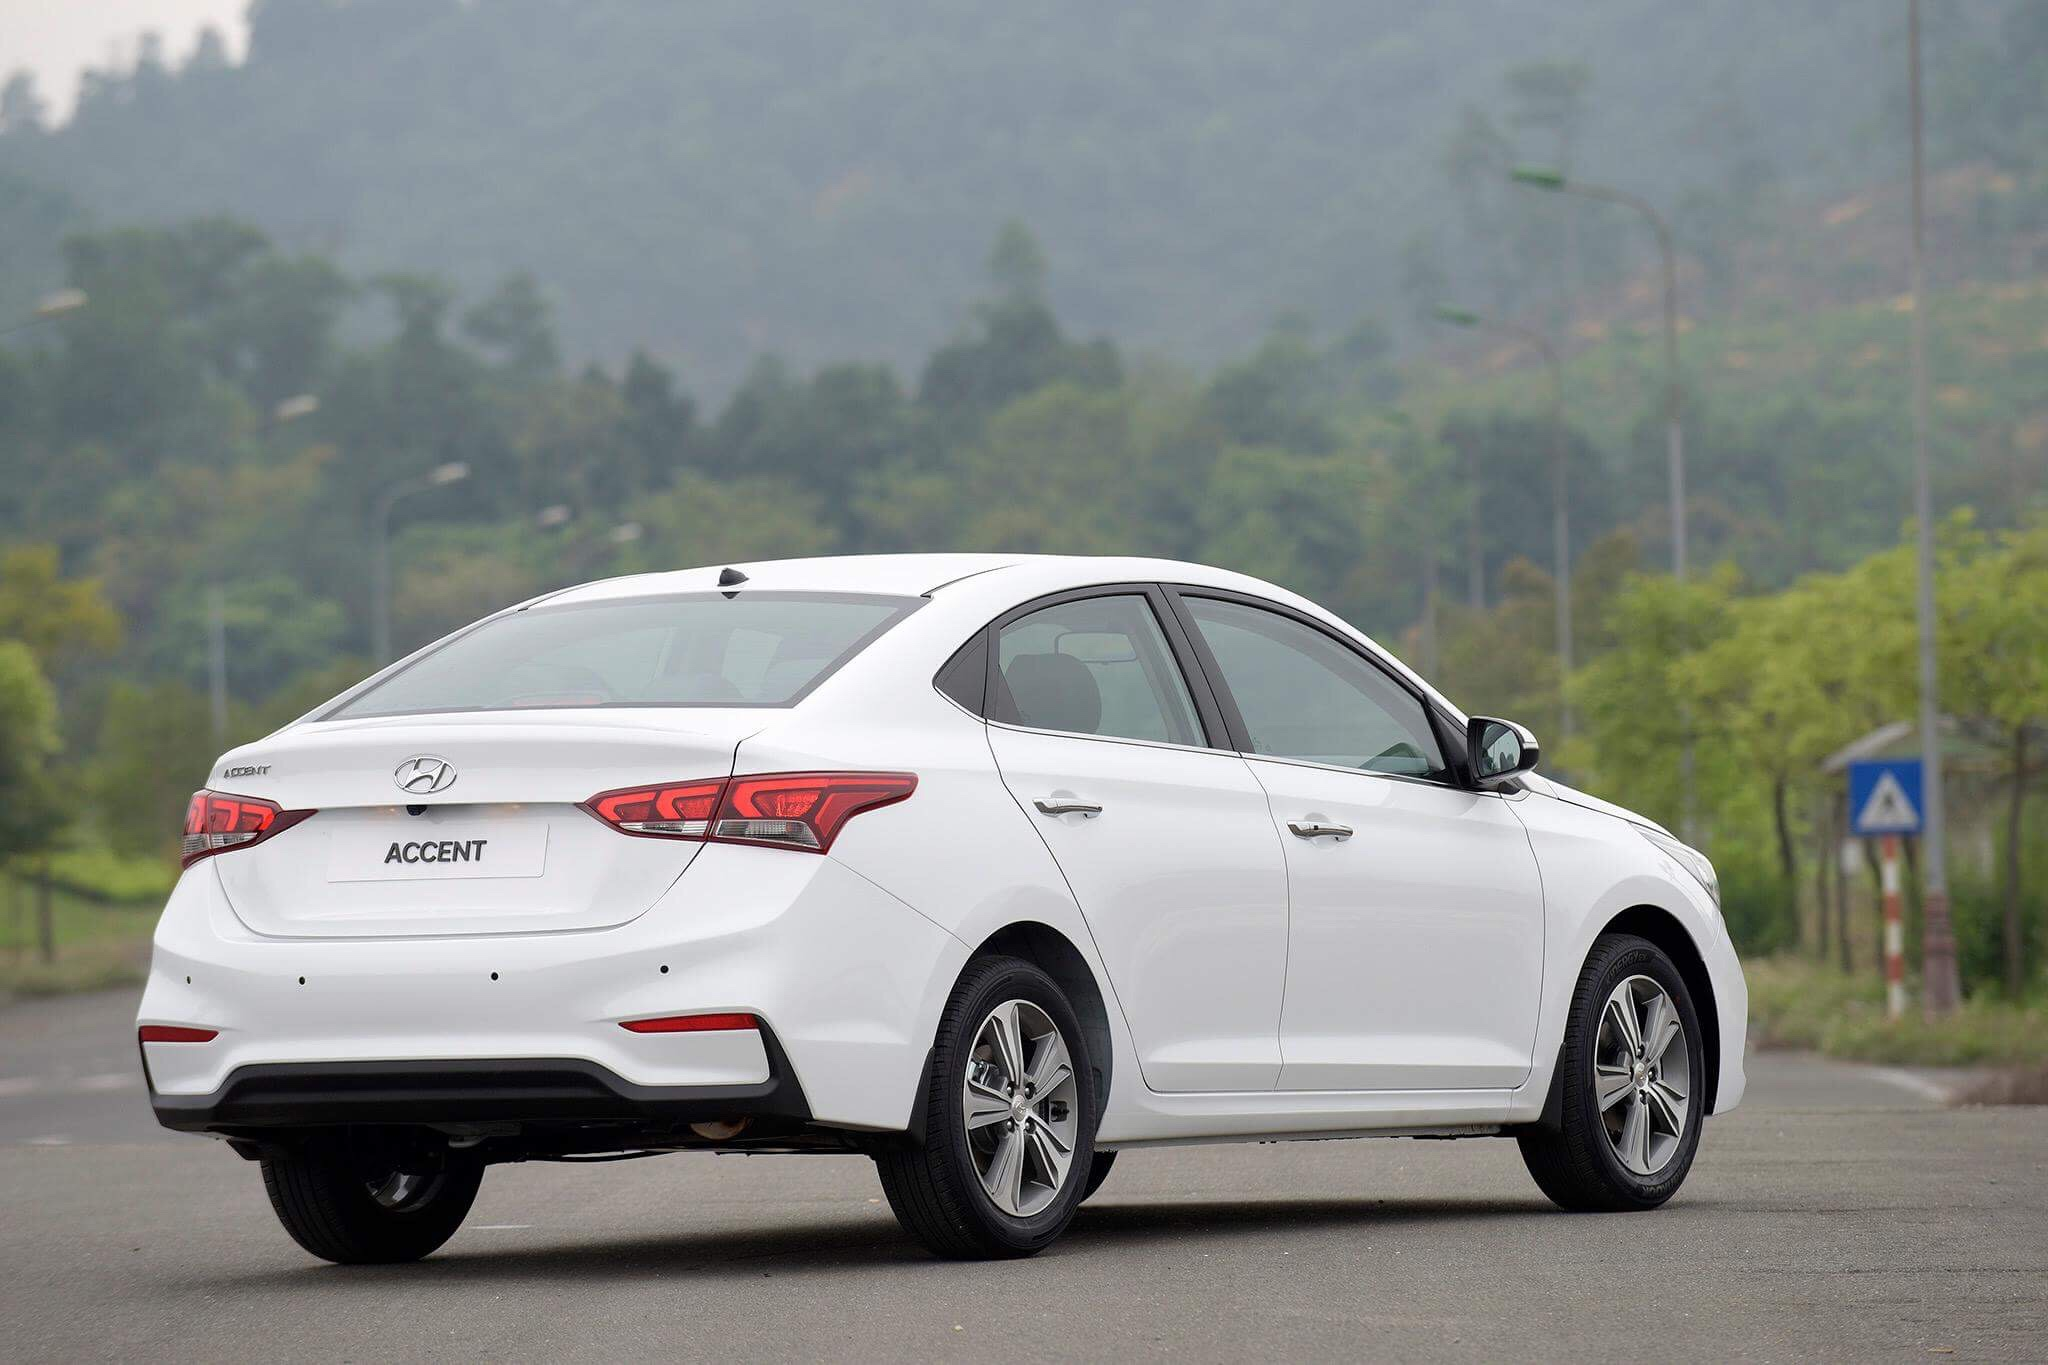 Hyundai accent anh 22 - Hyundai Accent mới: giá xe và khuyến mãi tháng [hienthithang]/[hienthinam]